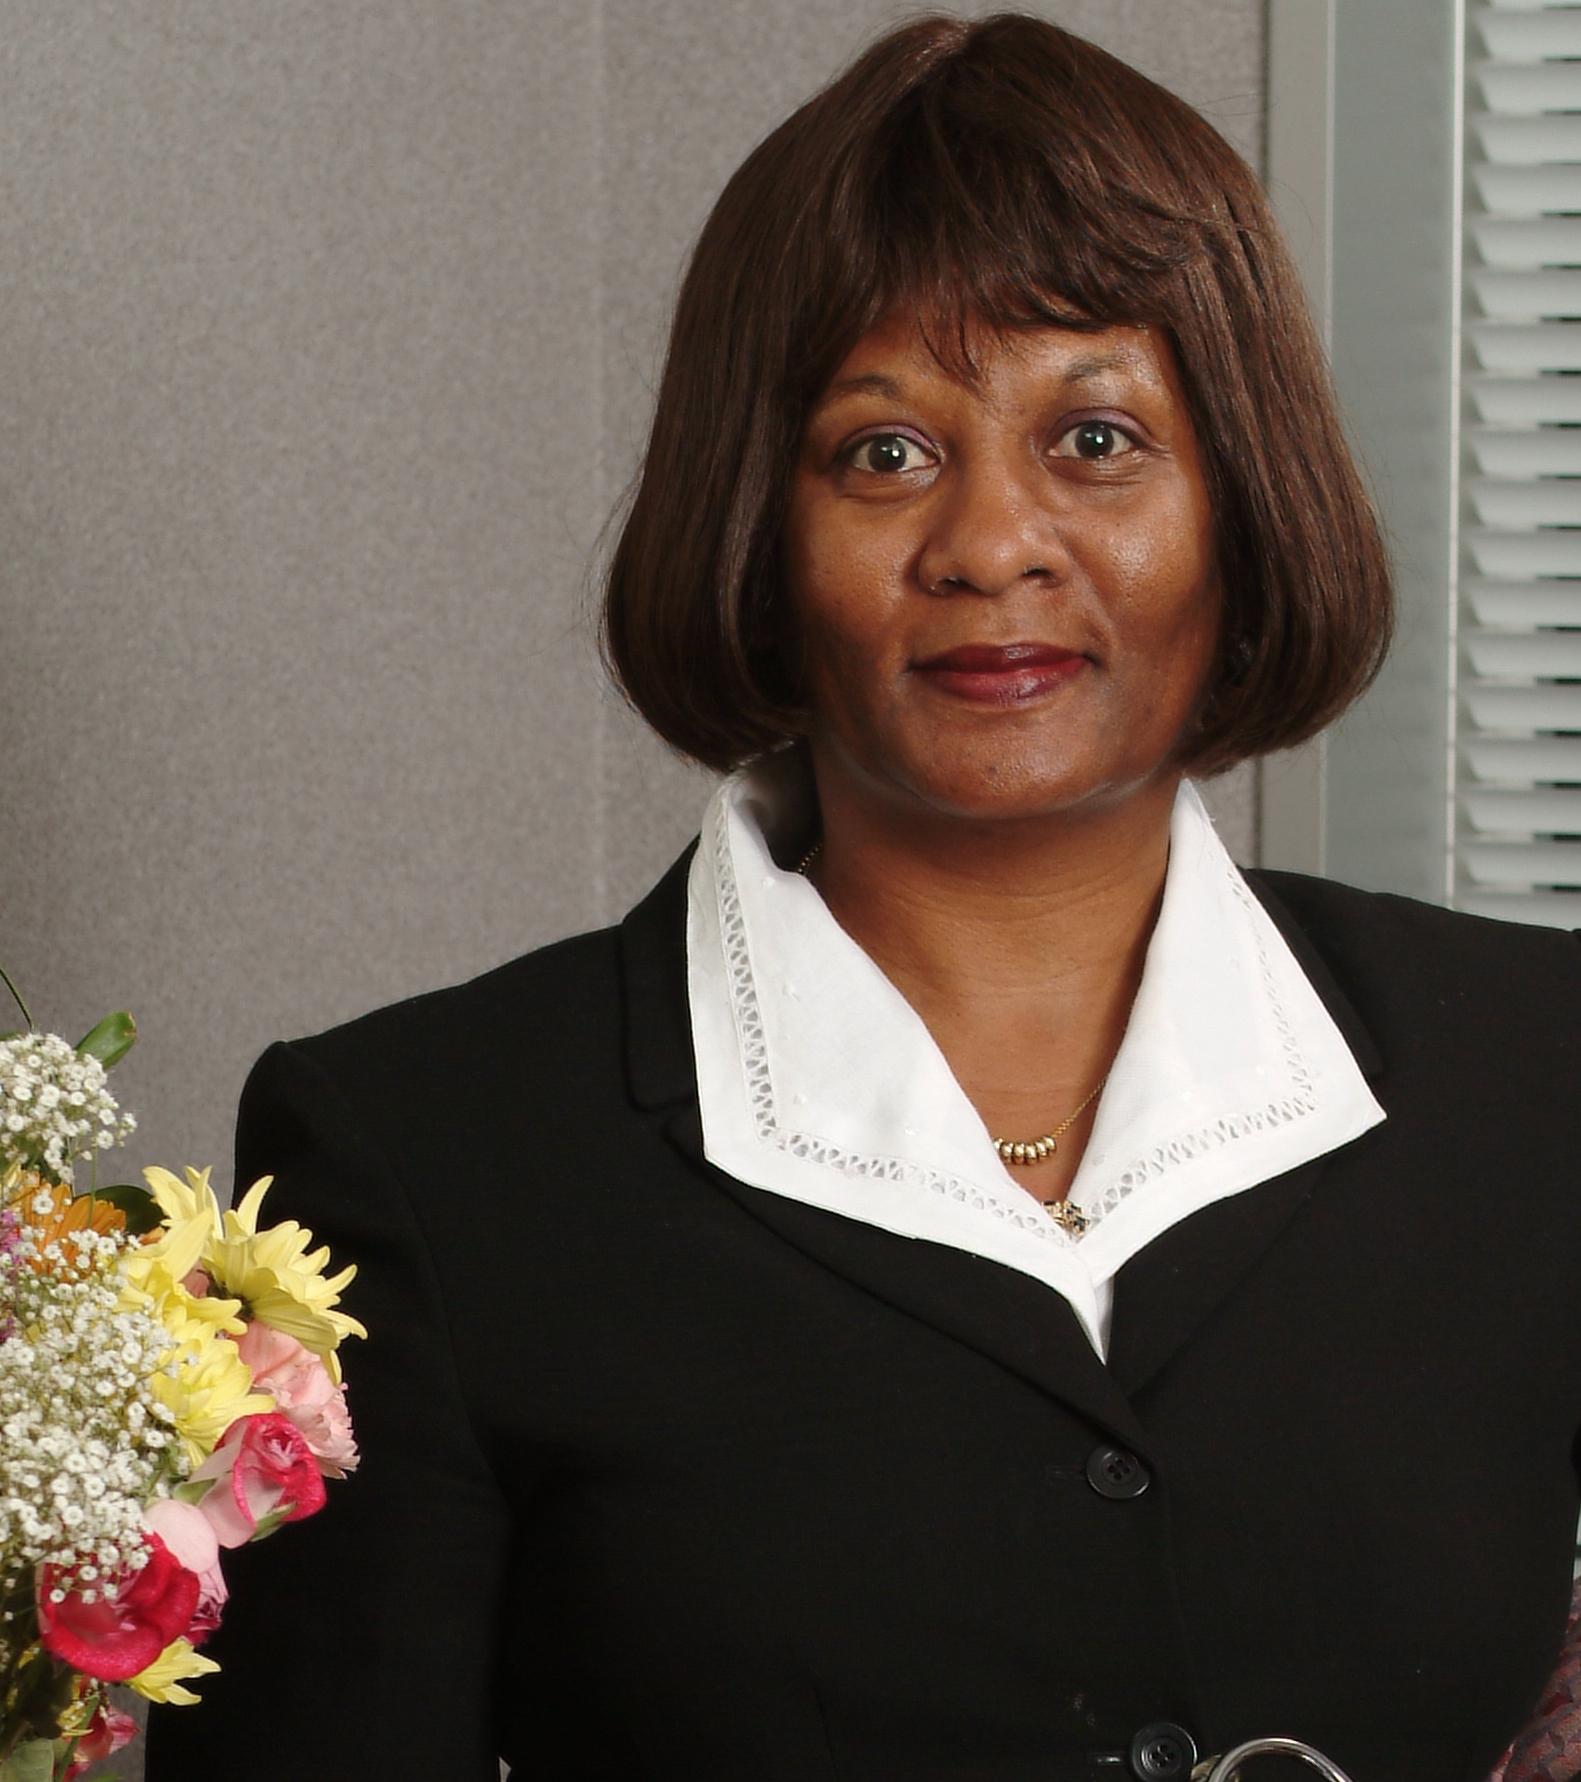 Dr. Vilma Ruddock